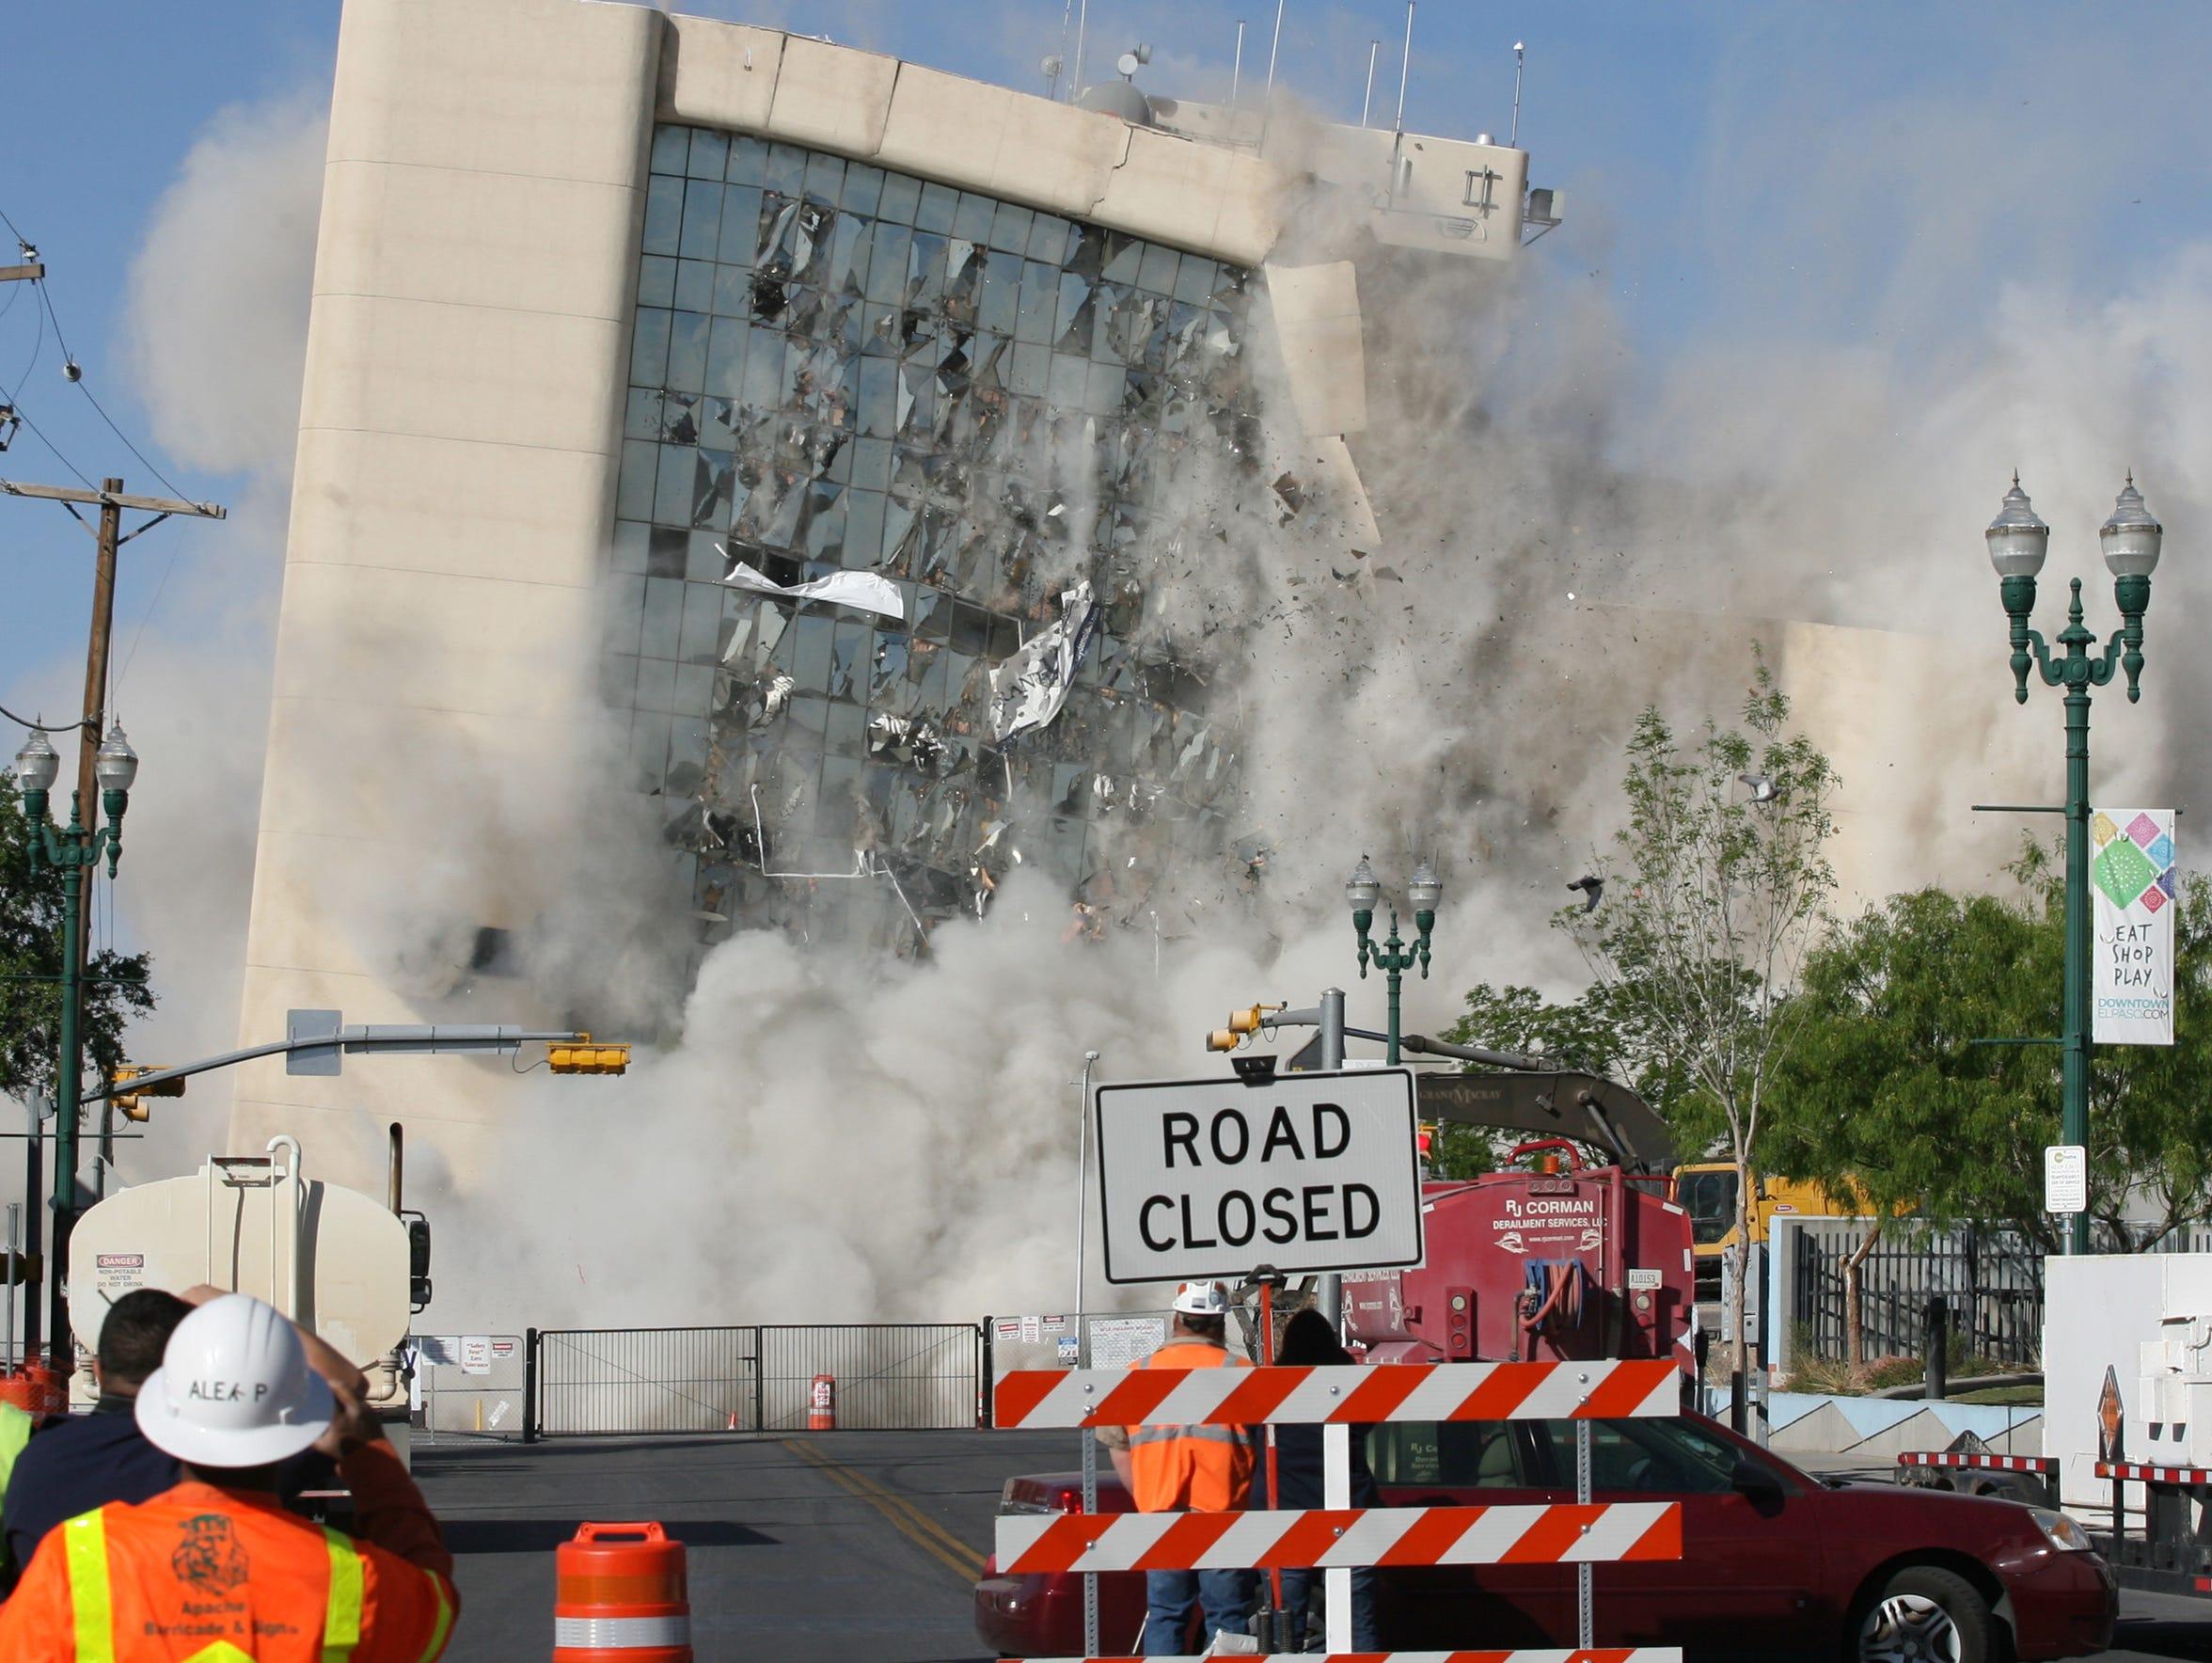 El Paso's old City Hall building falls after demolition